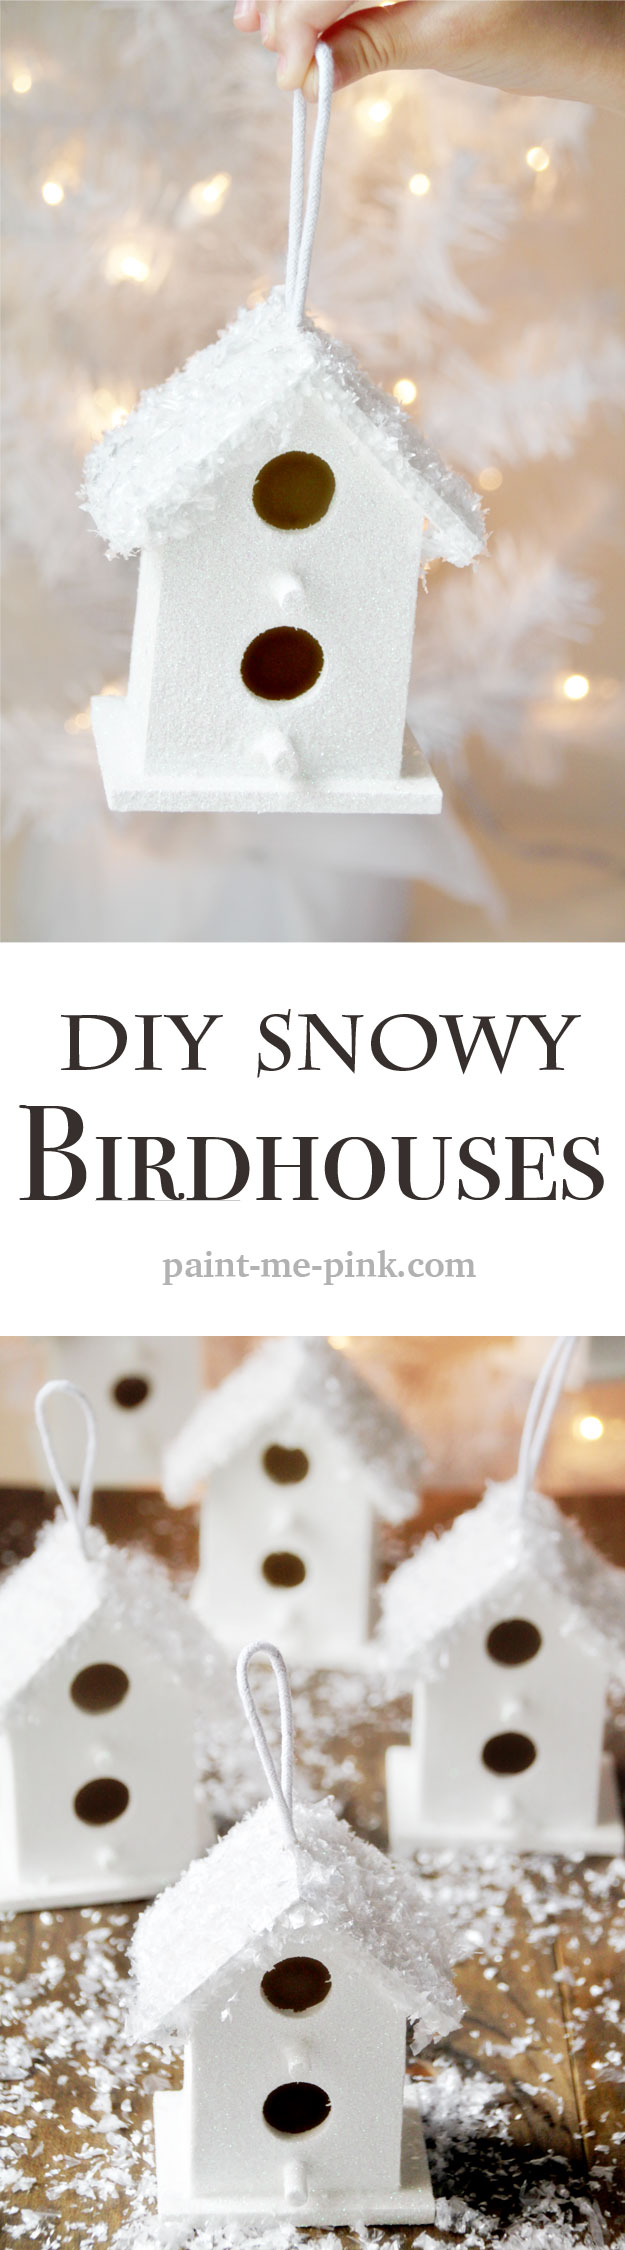 snowy-birdhouse-pin